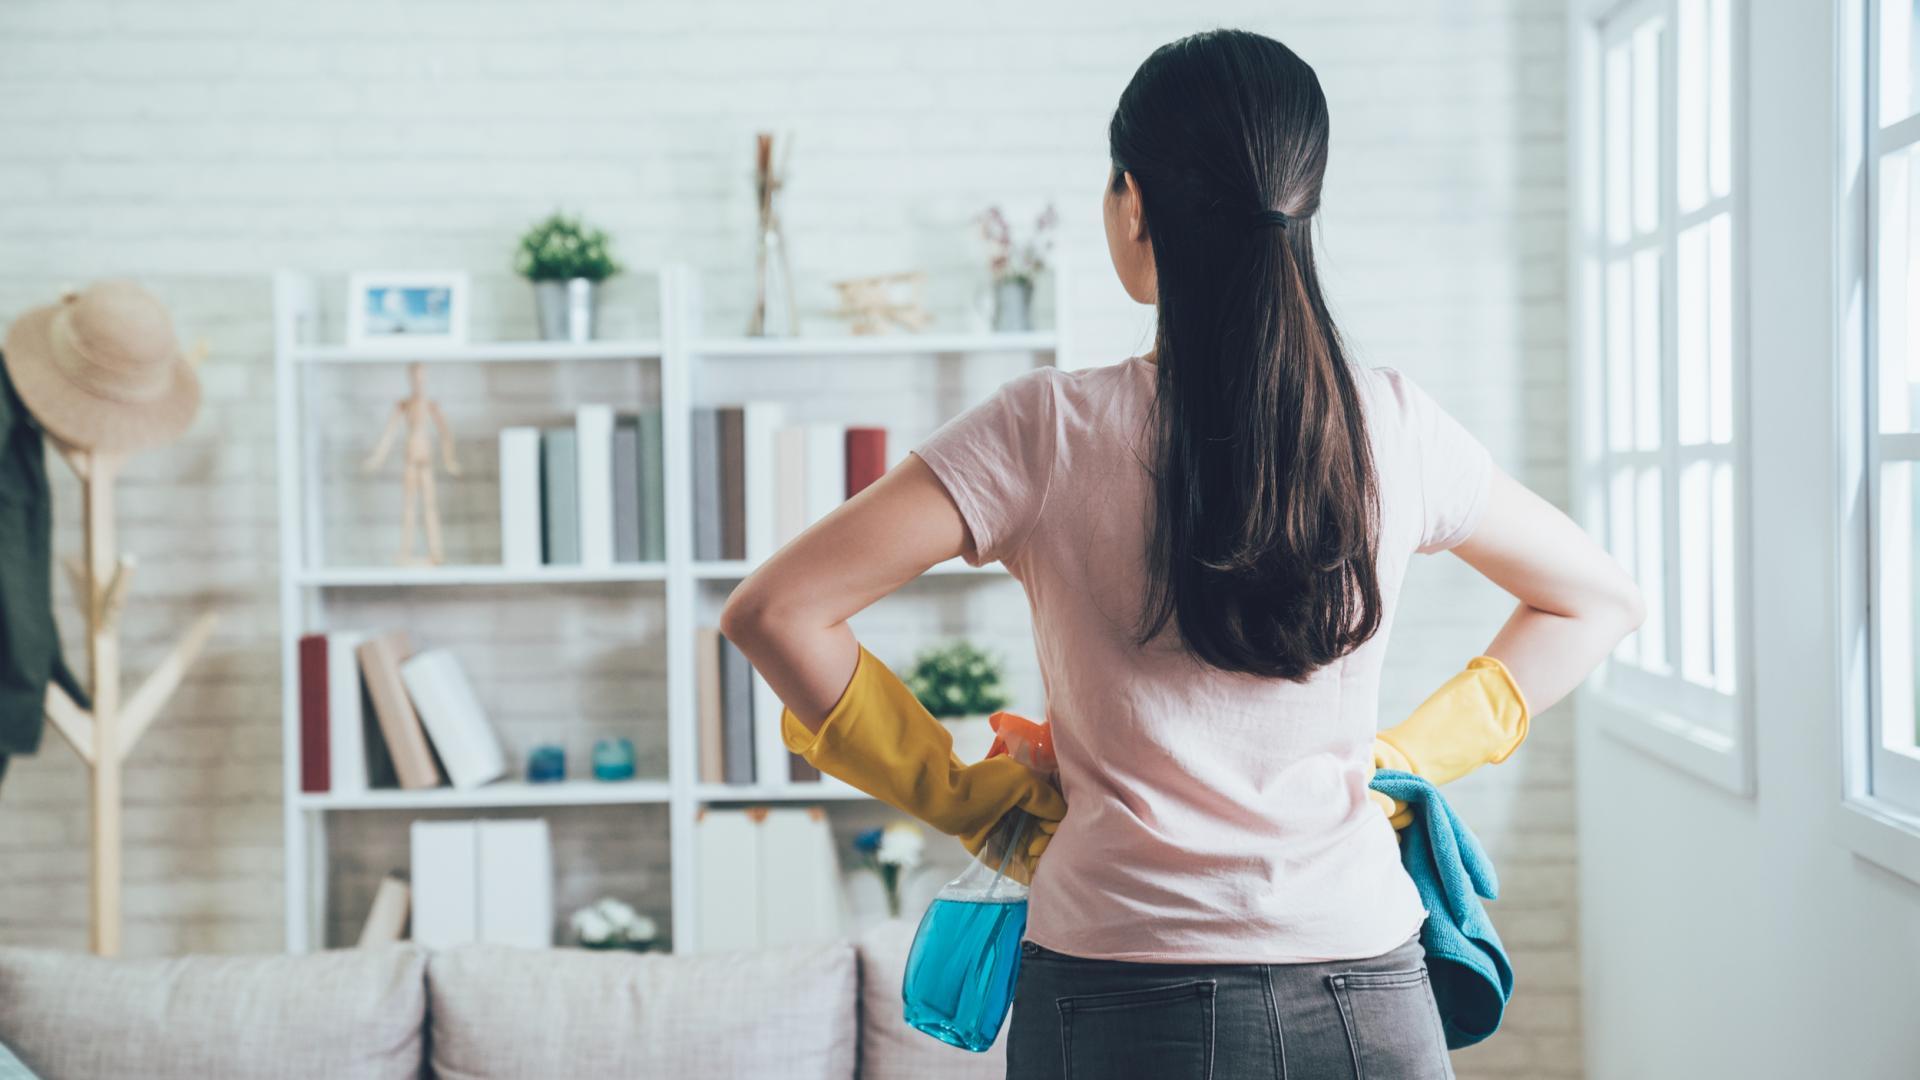 Frau putzt Wohnung